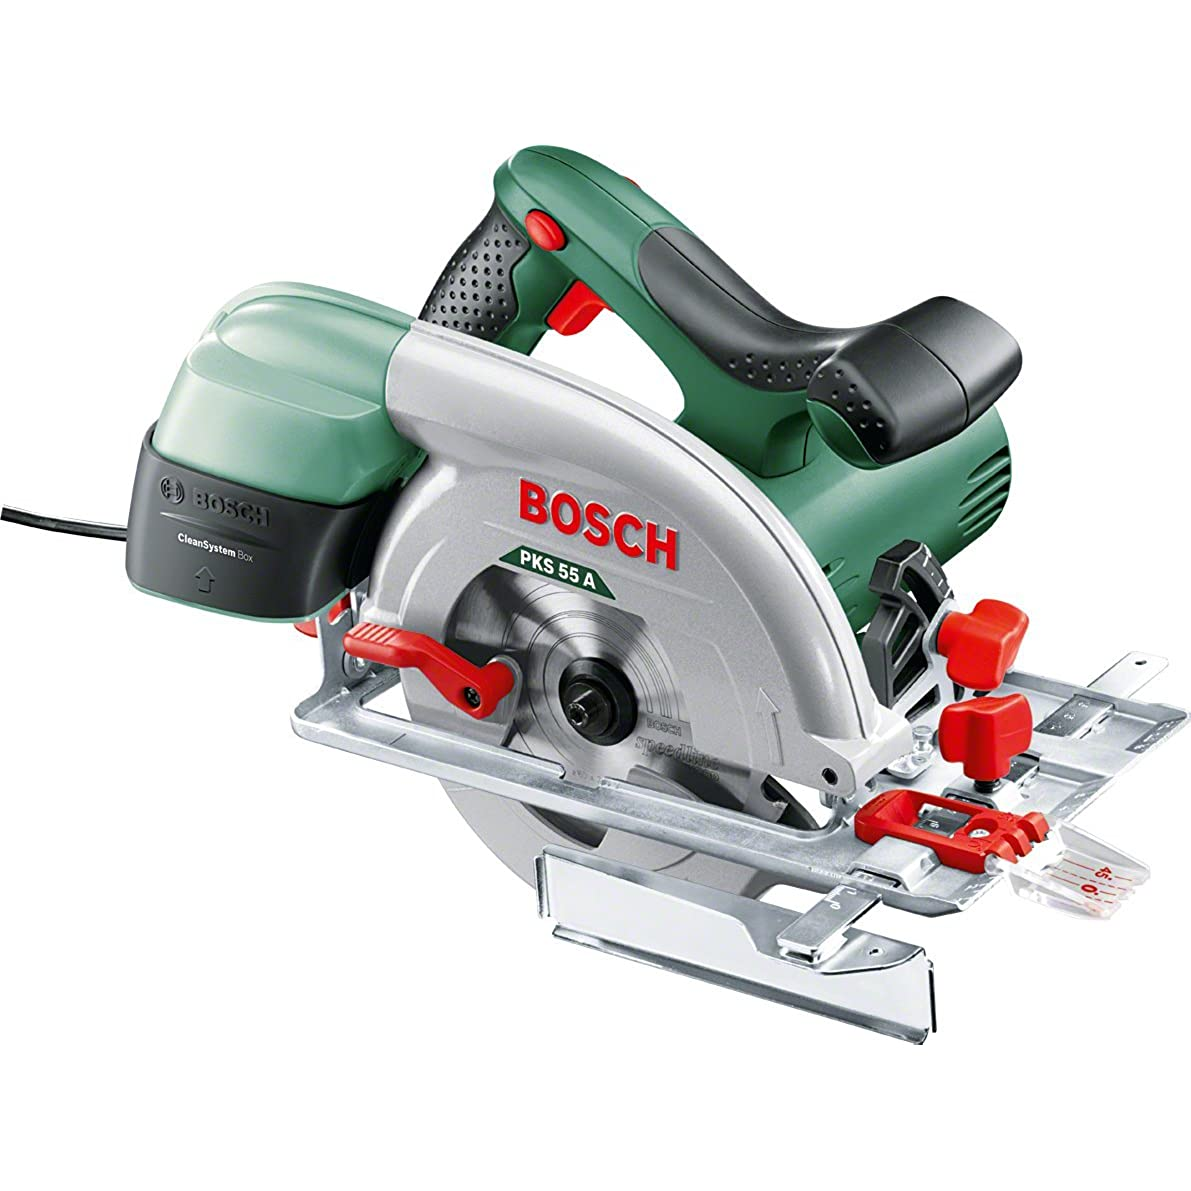 Auf der Suche nach einer guten Kreissäge werden Sie bei dem Hersteller Bosch fündig.